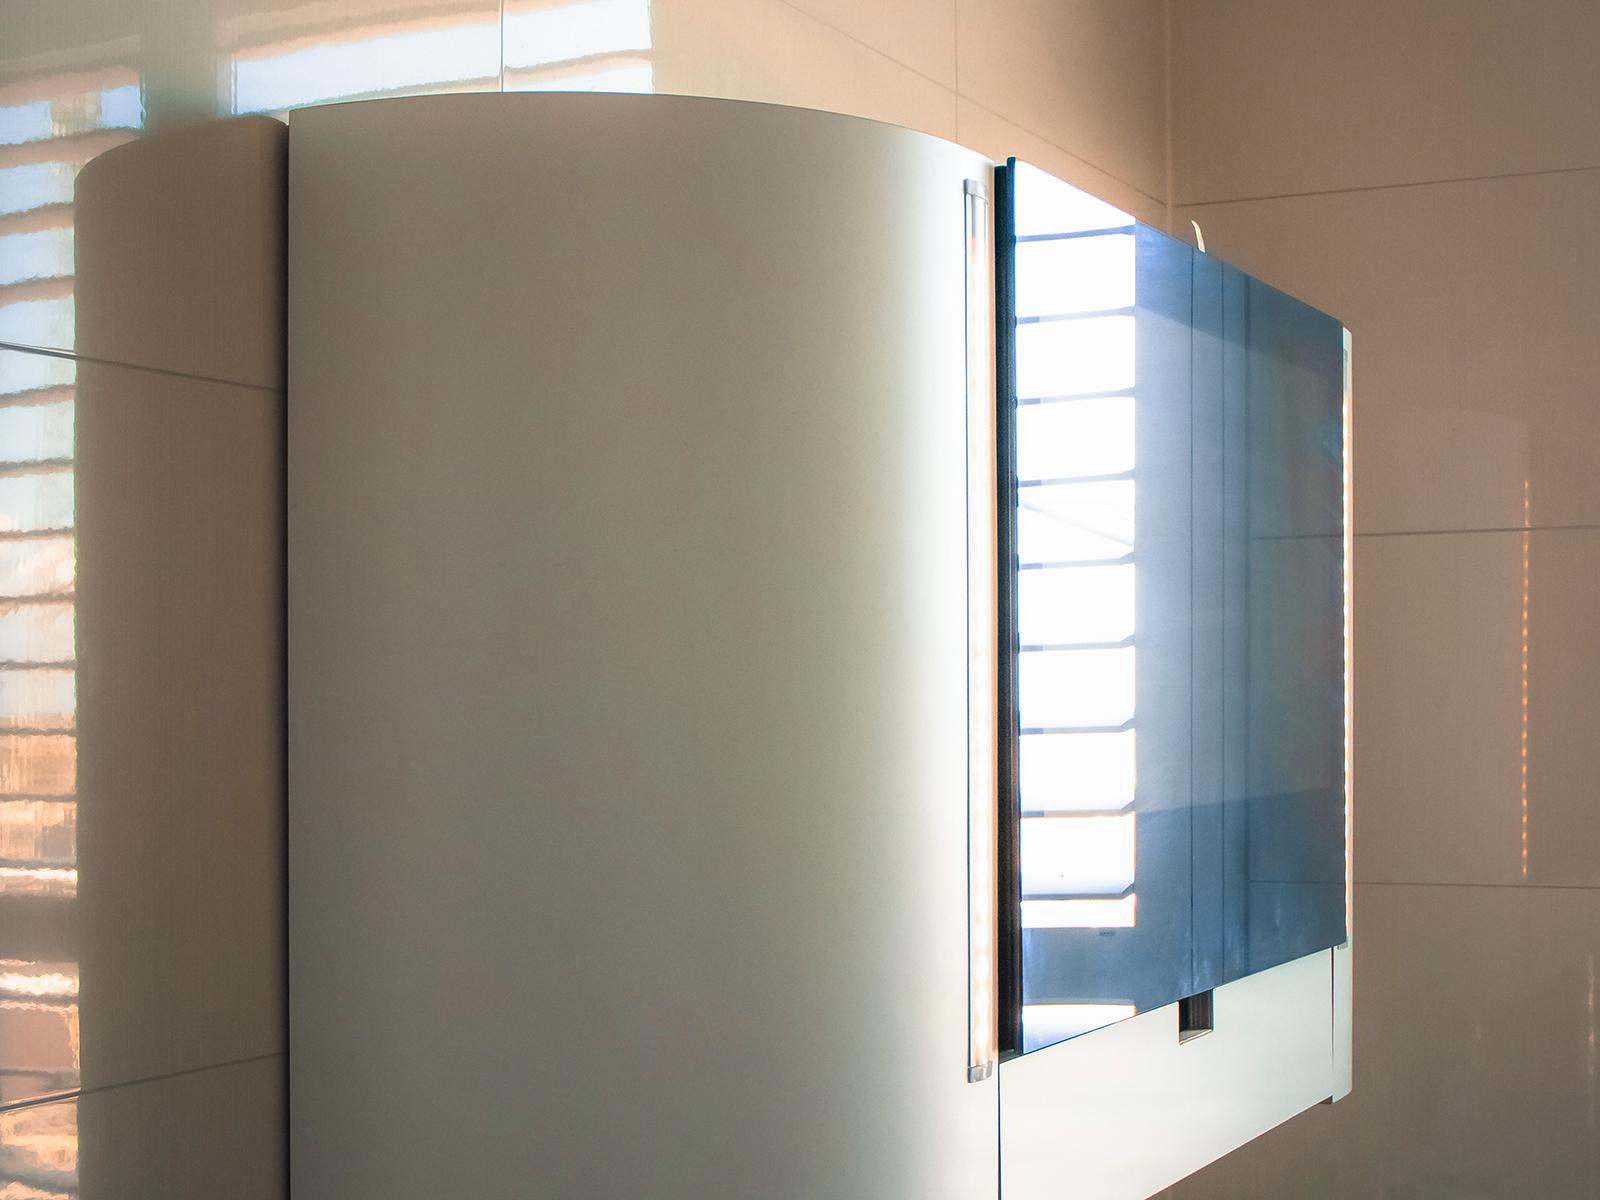 Badkamerkast met TV in spiegel